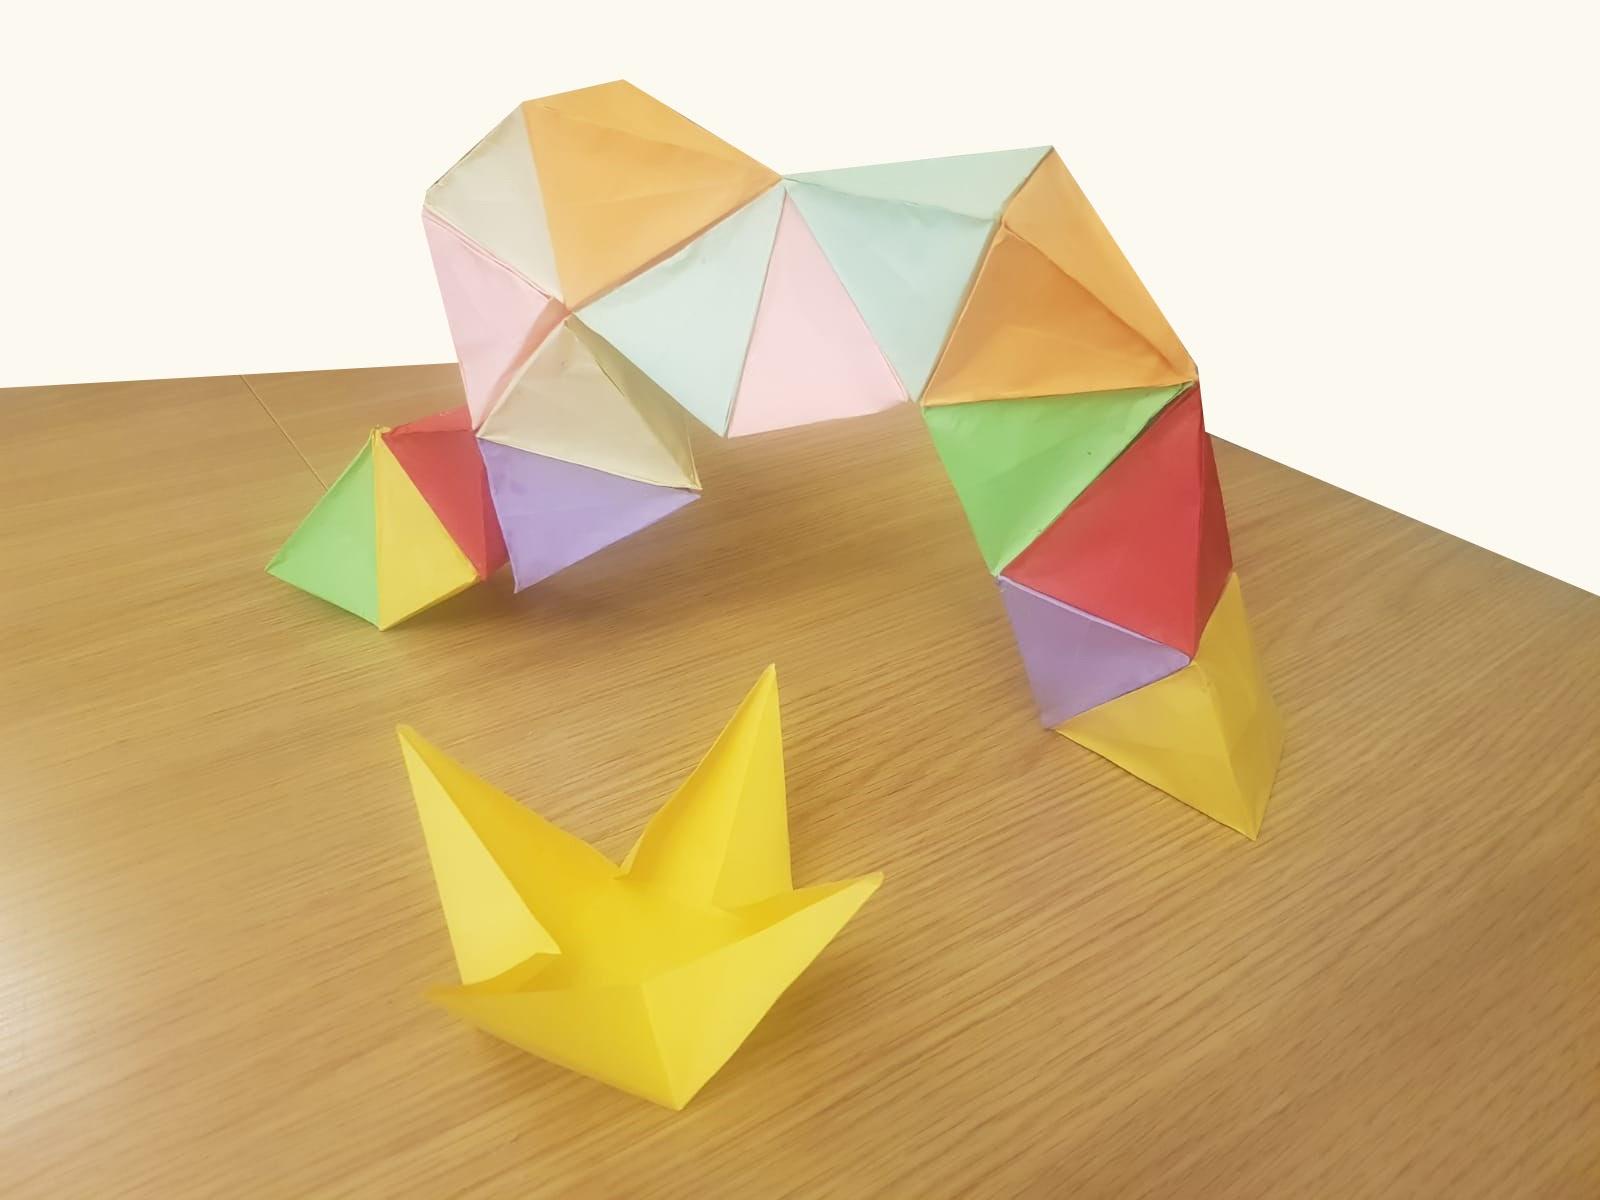 Pyramid Stacking